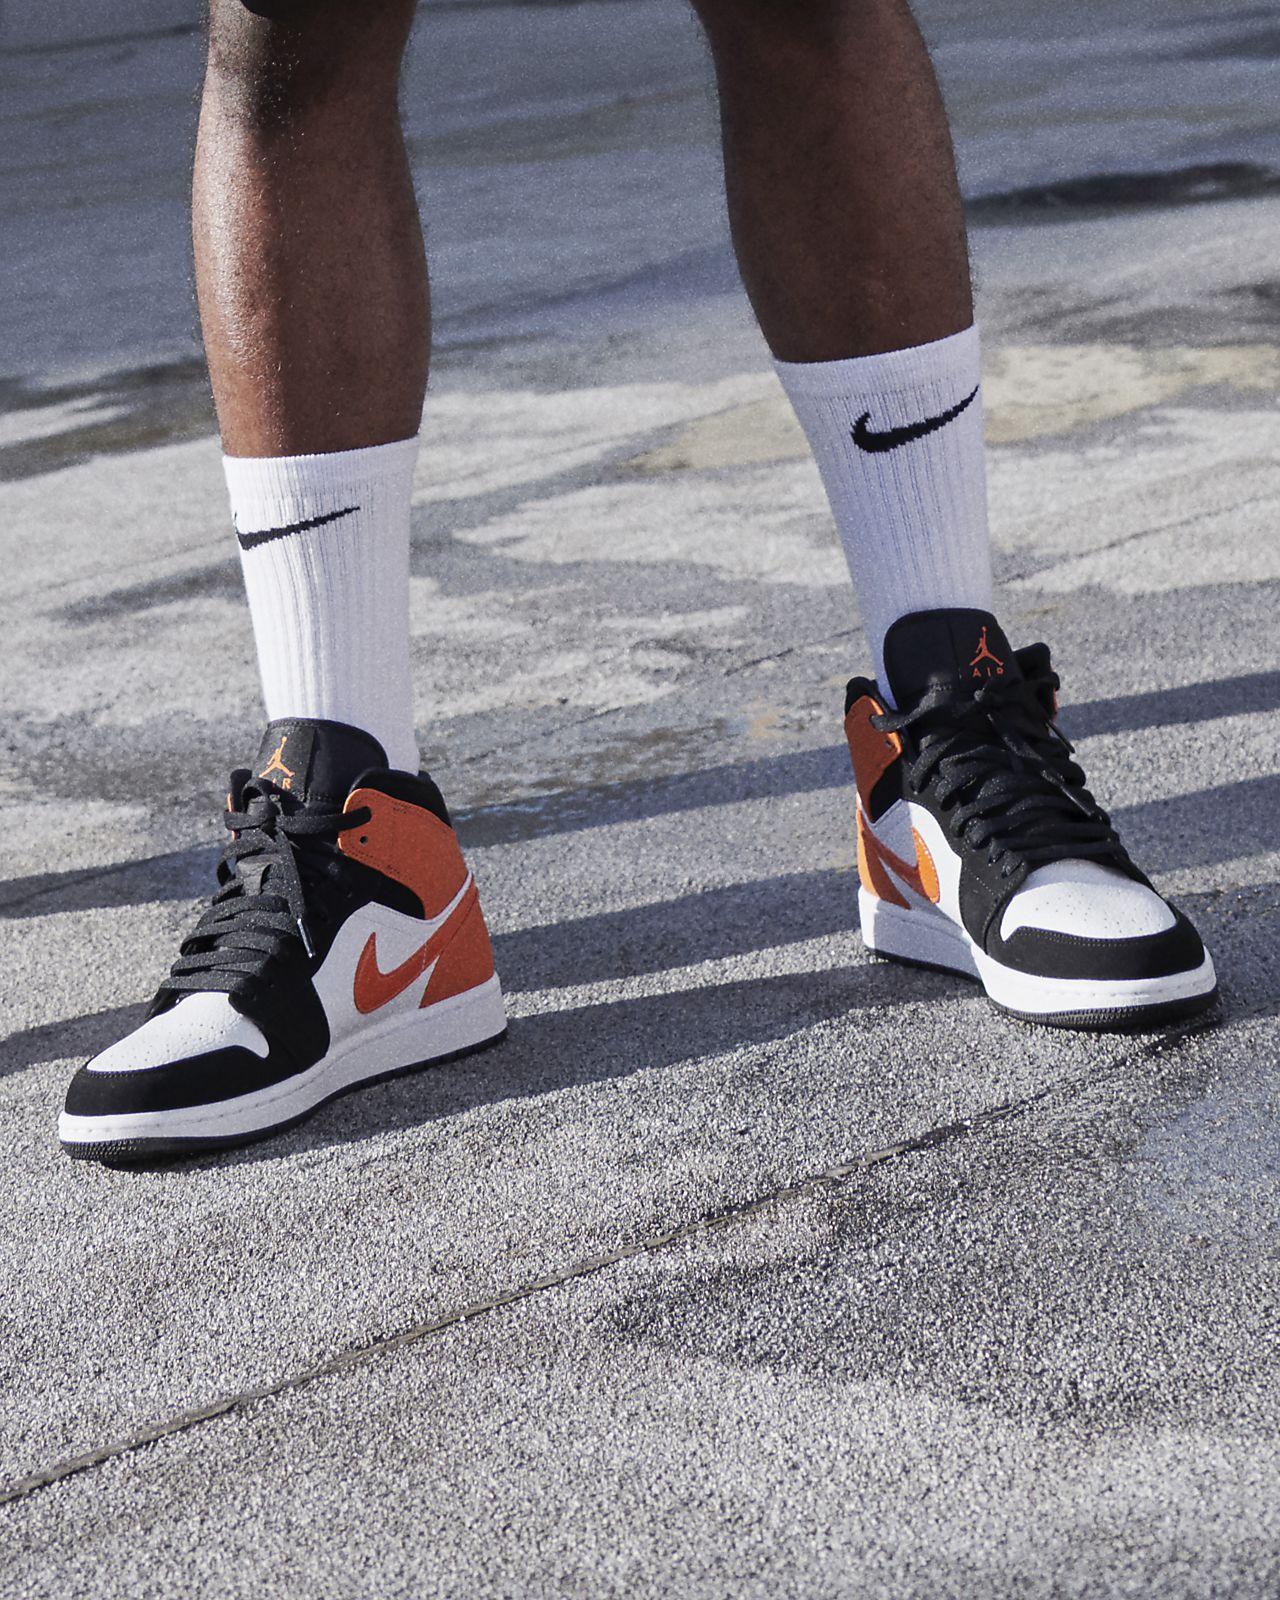 Detalles de Zapatos Nike Air Jordan 1 Medio Blanco Total Blanco Hombre Originales 554724 129